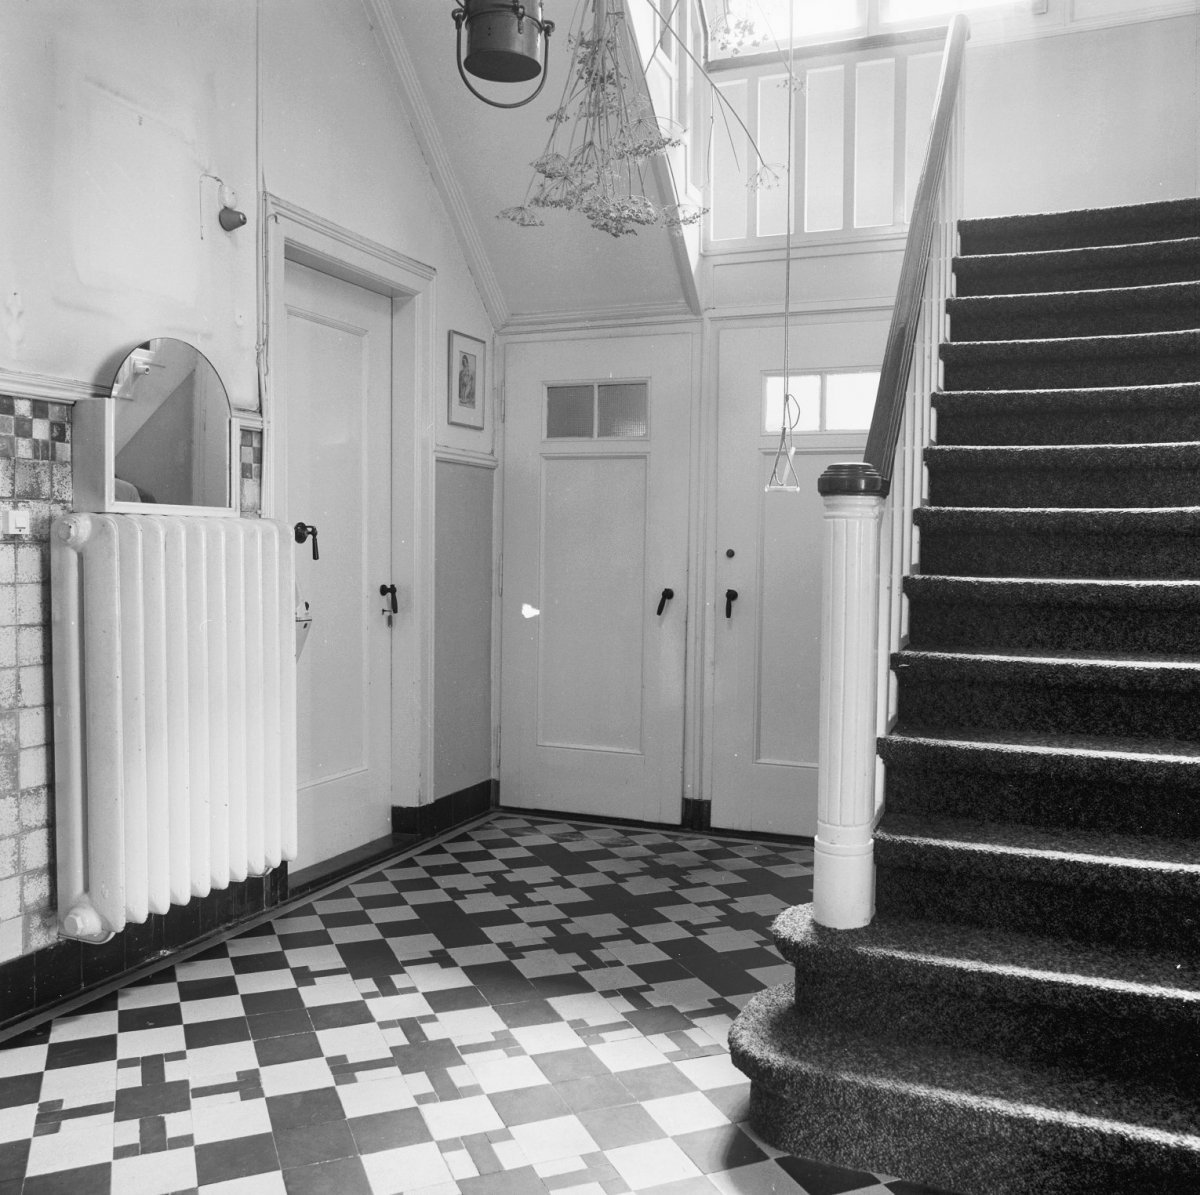 File Interieur, gang op de begane grond  met trap, deuren, een radiator, en tegels op de vloer